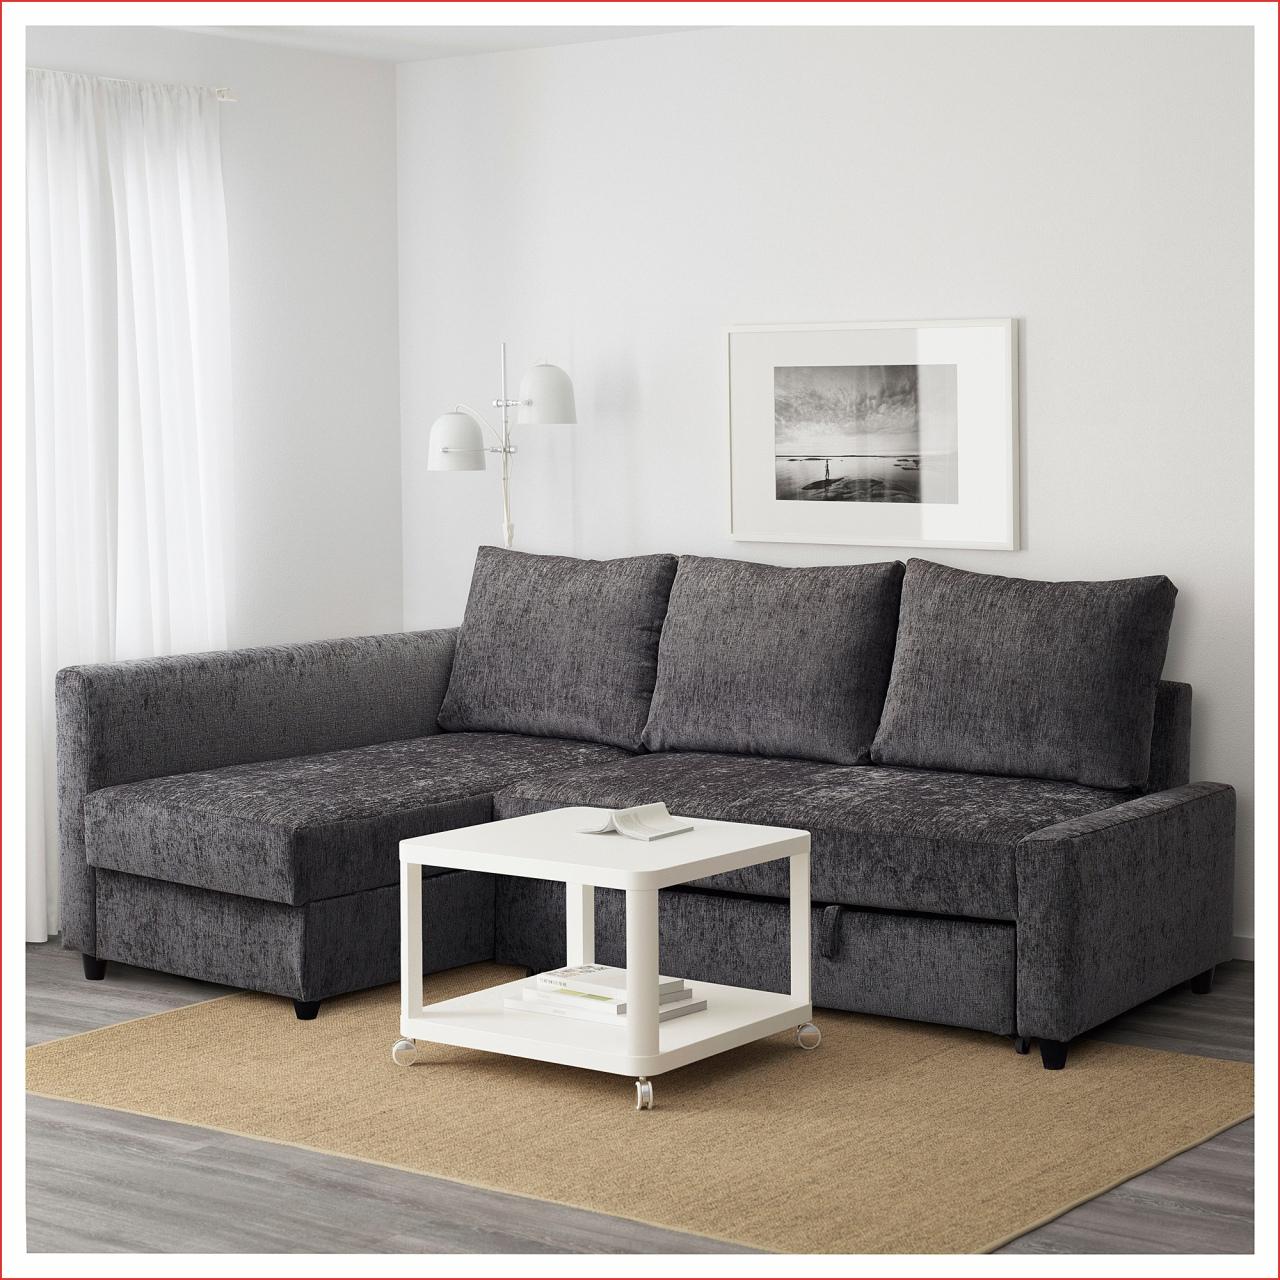 Full Size of Sofa Kaufen Ikea Couch Bed Procura Home Blog In L Form Regale Marken Bunt Natura überzug 2 Sitzer Kare Liege Machalke Breaking Bad Betten 140x200 Mit Wohnzimmer Sofa Kaufen Ikea